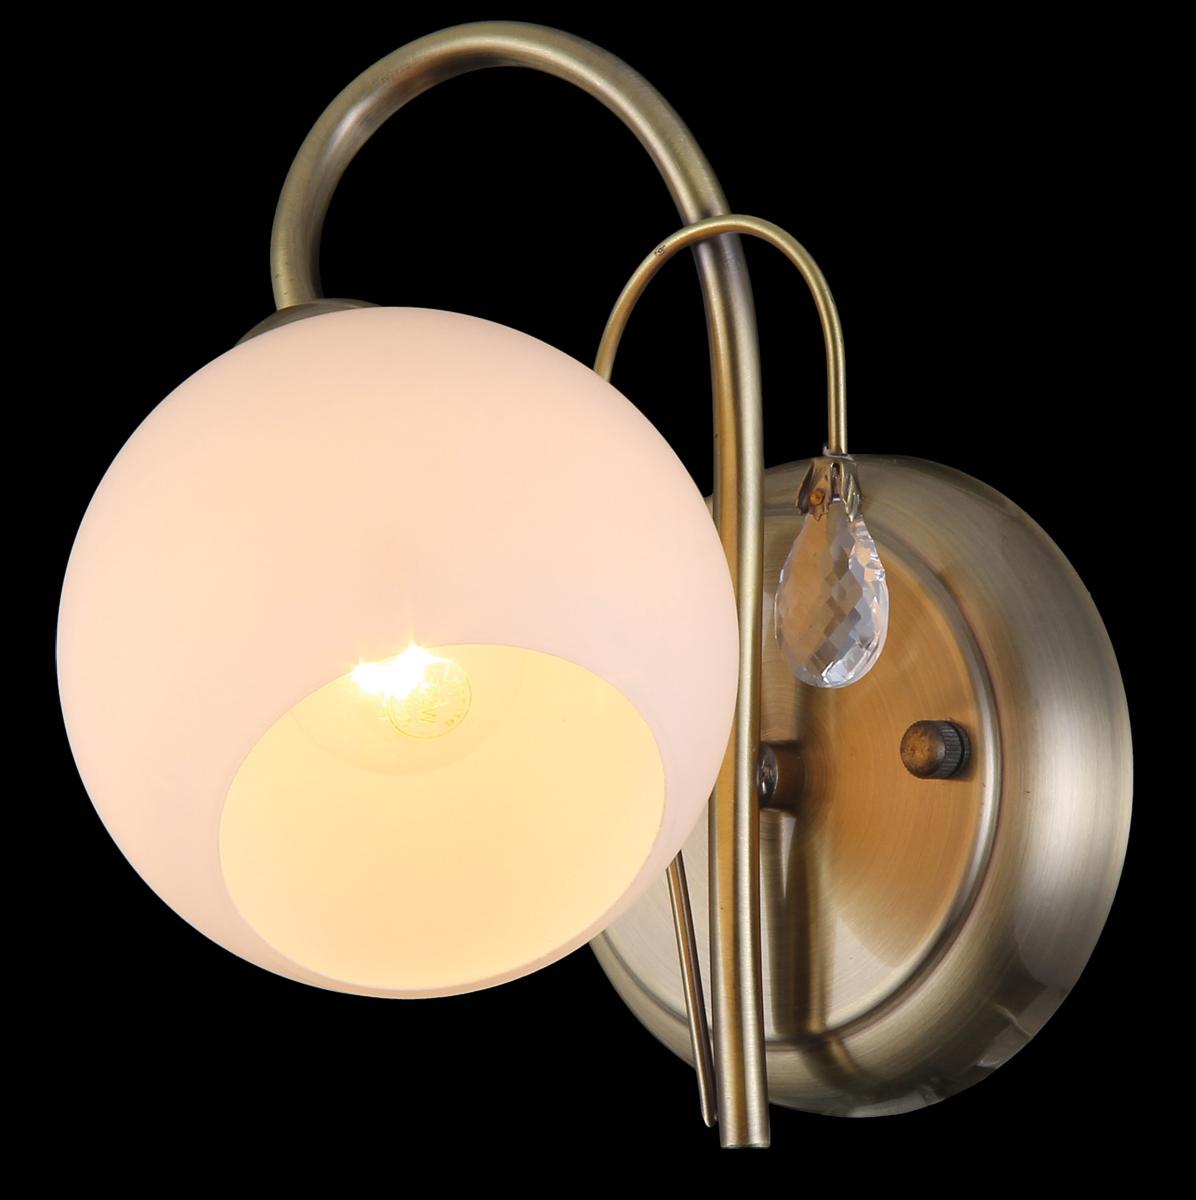 Бра Natali Kovaltseva, 1 х E14, 60W. 11411/1W11411/1W ANTIQUEБра Natali Kovaltseva, выполненное в классическом стиле, станет украшением вашей комнаты и изысканно дополнит интерьер. Изделие крепится к стене. Такое бра отлично подойдет для освещения кабинета, спальни или гостиной. Бра выполнено из металла с покрытием под бронзу, плафон изготовлен из матового стекла. В коллекциях Natali Kovaltseva представлены разные стили - от классики до хайтека. Дизайн и технологическая составляющая продукции разрабатывается в R&D центре компании, который находится в г. Дюссельдорф, Германия. При производстве продукции используются высококачественные и эксклюзивные материалы: хрусталь ASFOR, муранское стекло, перламутр, 24-каратное золото, бронза. Производство светильников соответствует стандарту системы менеджмента качества ISO 9001-2000. На всю продукцию ТМ Natali Kovaltseva распространяется гарантия.